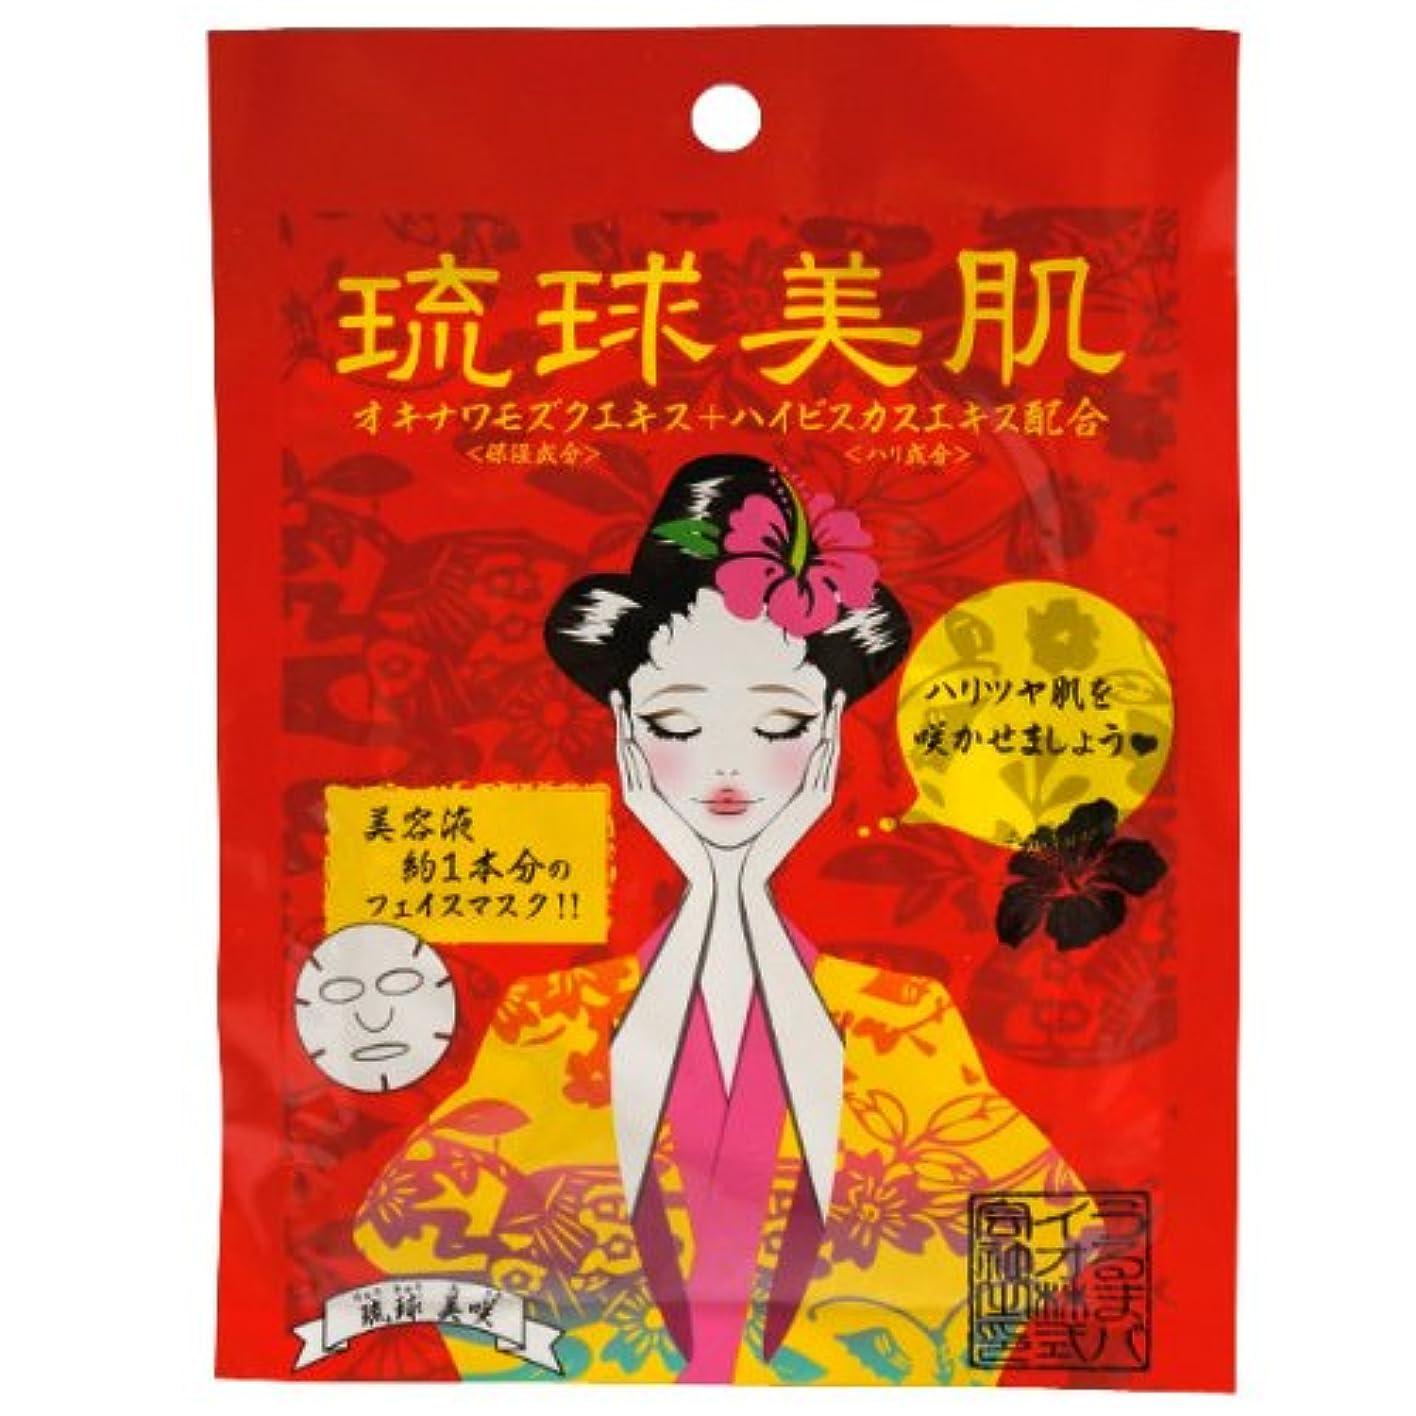 ハンマーアラート家事をする琉球美肌 ハイビスカスの香り